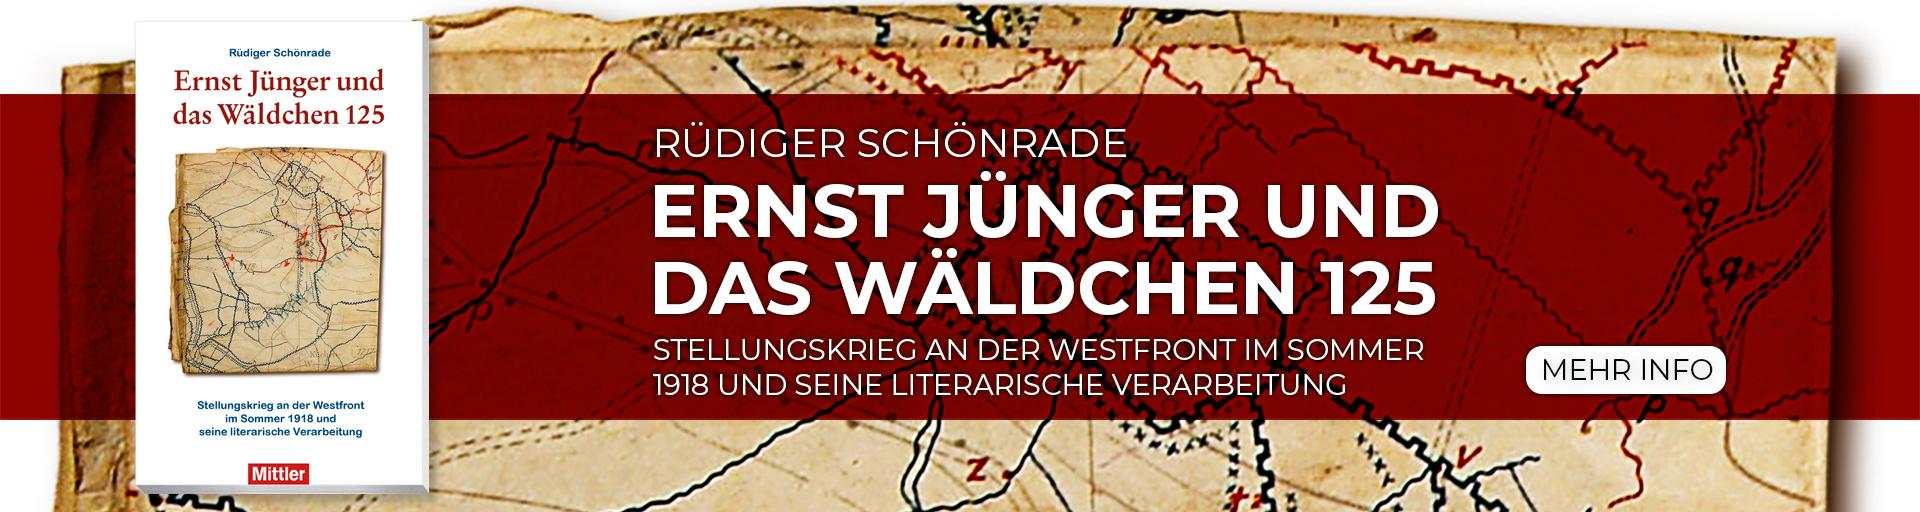 Slider_Juenger_1920 Rüdiger Schönrade: ERNST JÜNGER UND DAS WÄLDCHEN 125